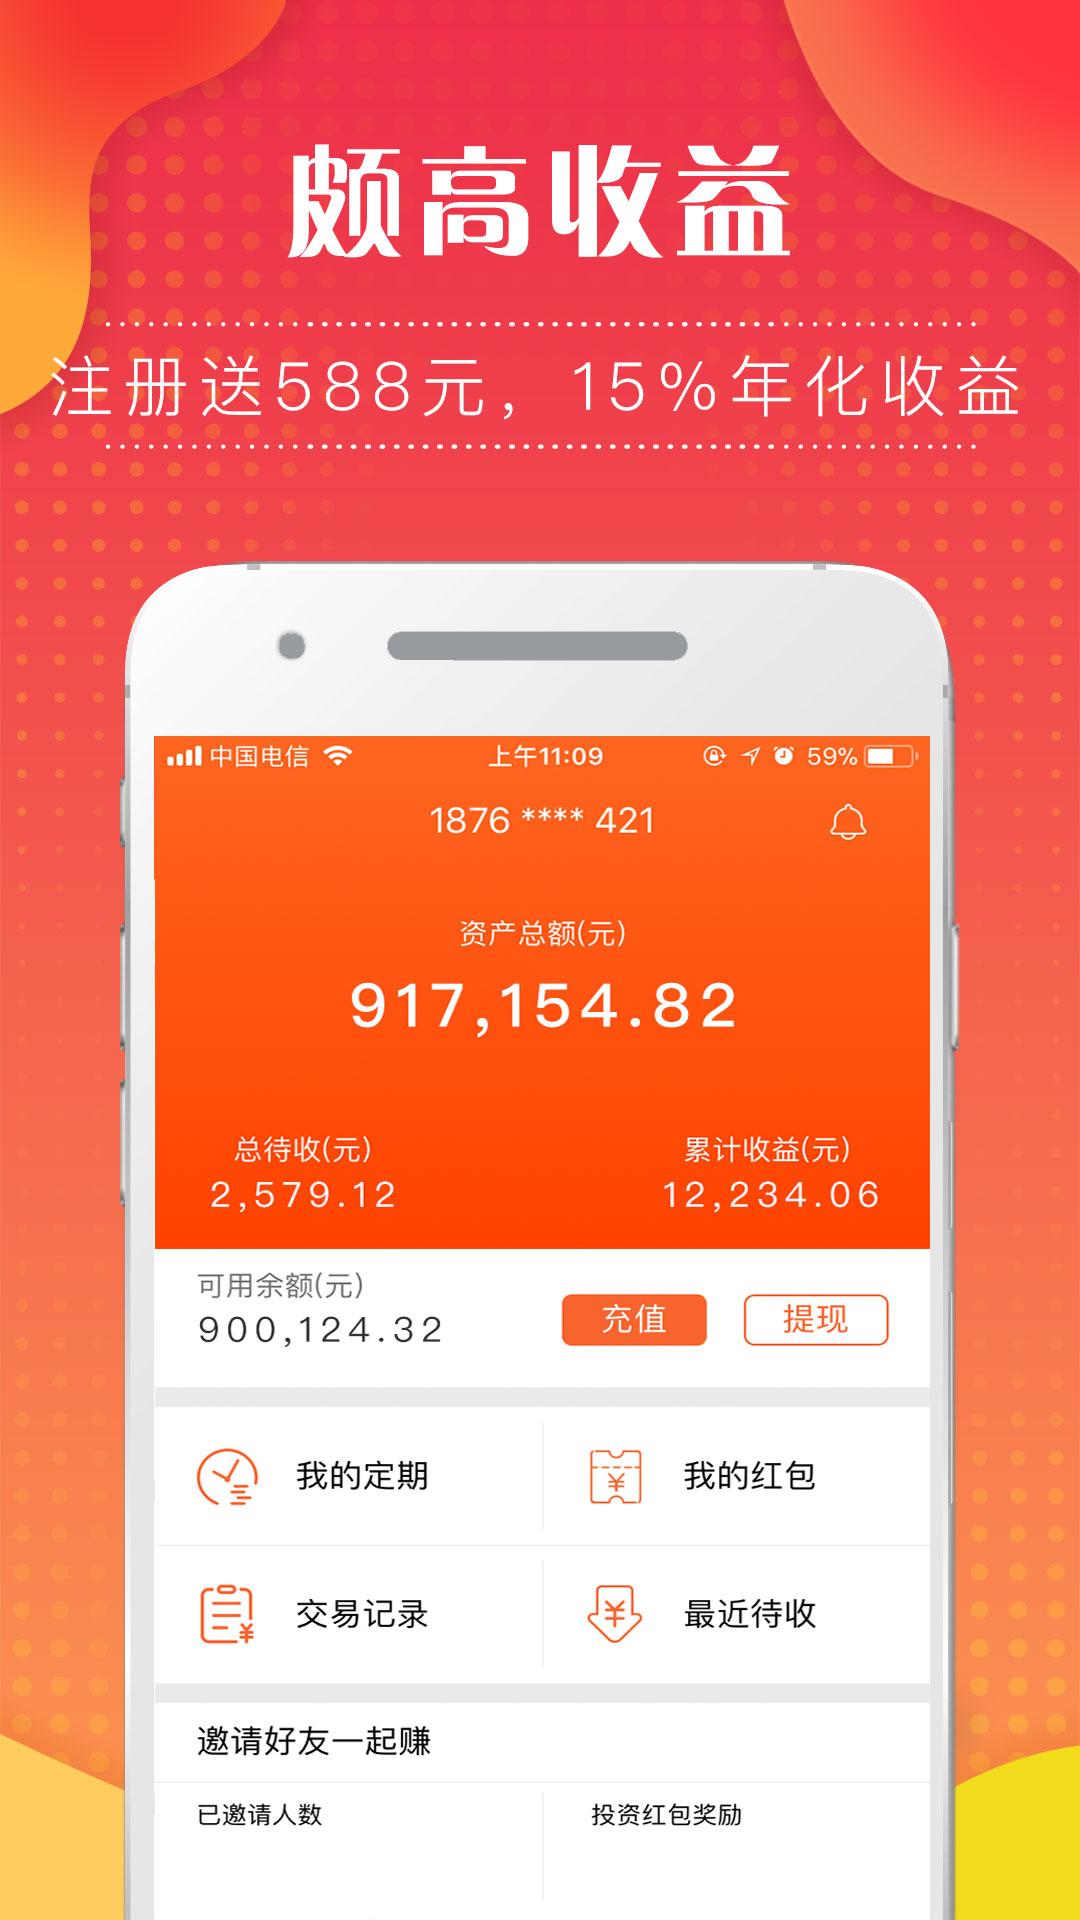 贤钱宝-短期投资理财-应用截图